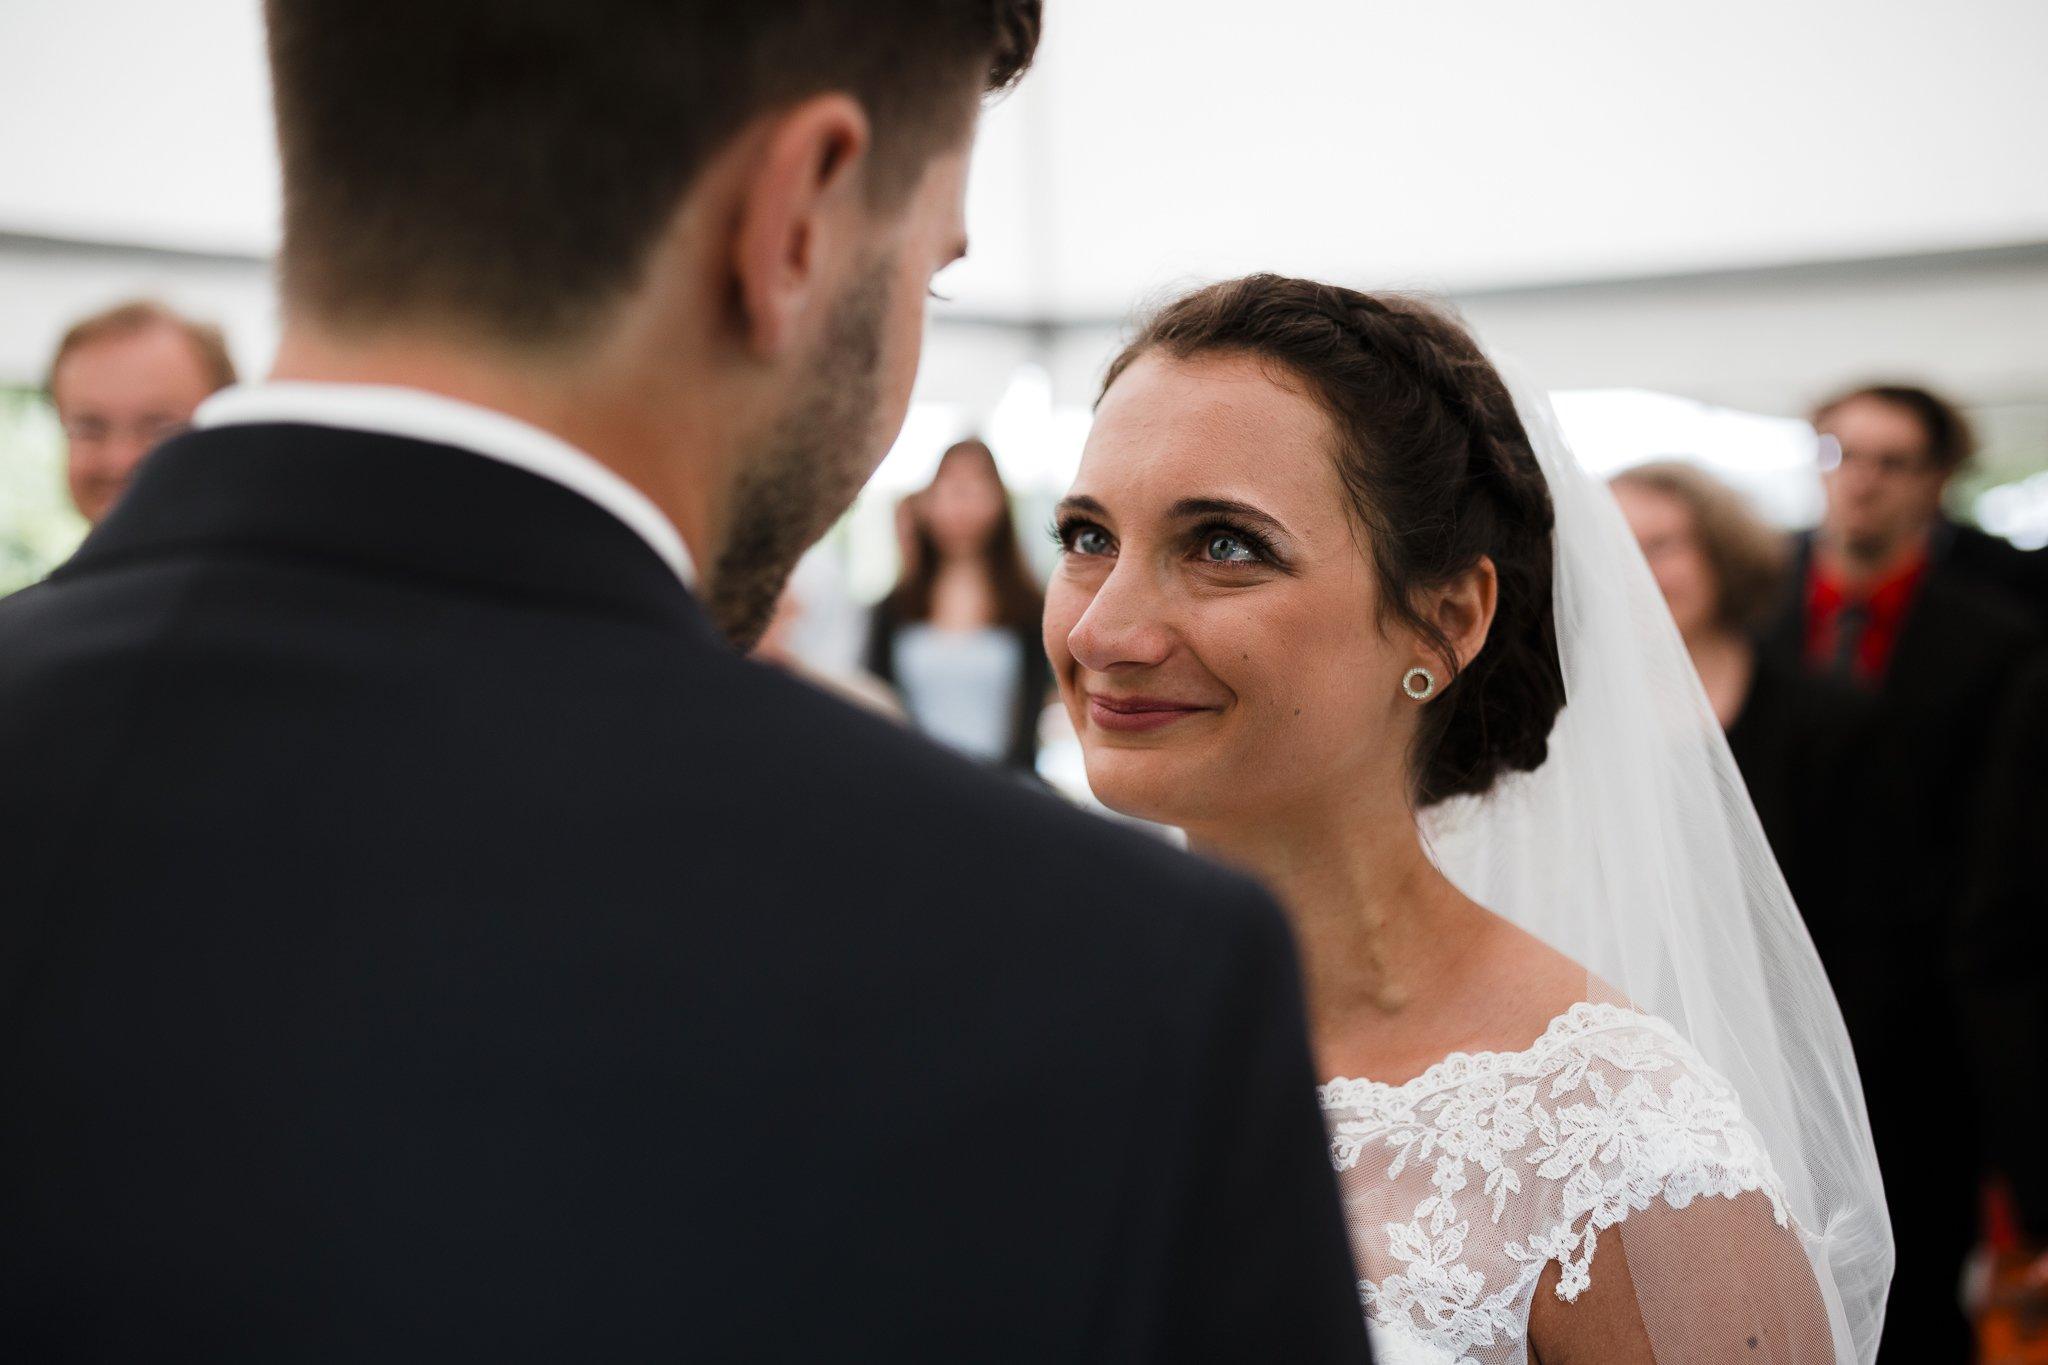 Erste Blicke - Braut und Bräutigam